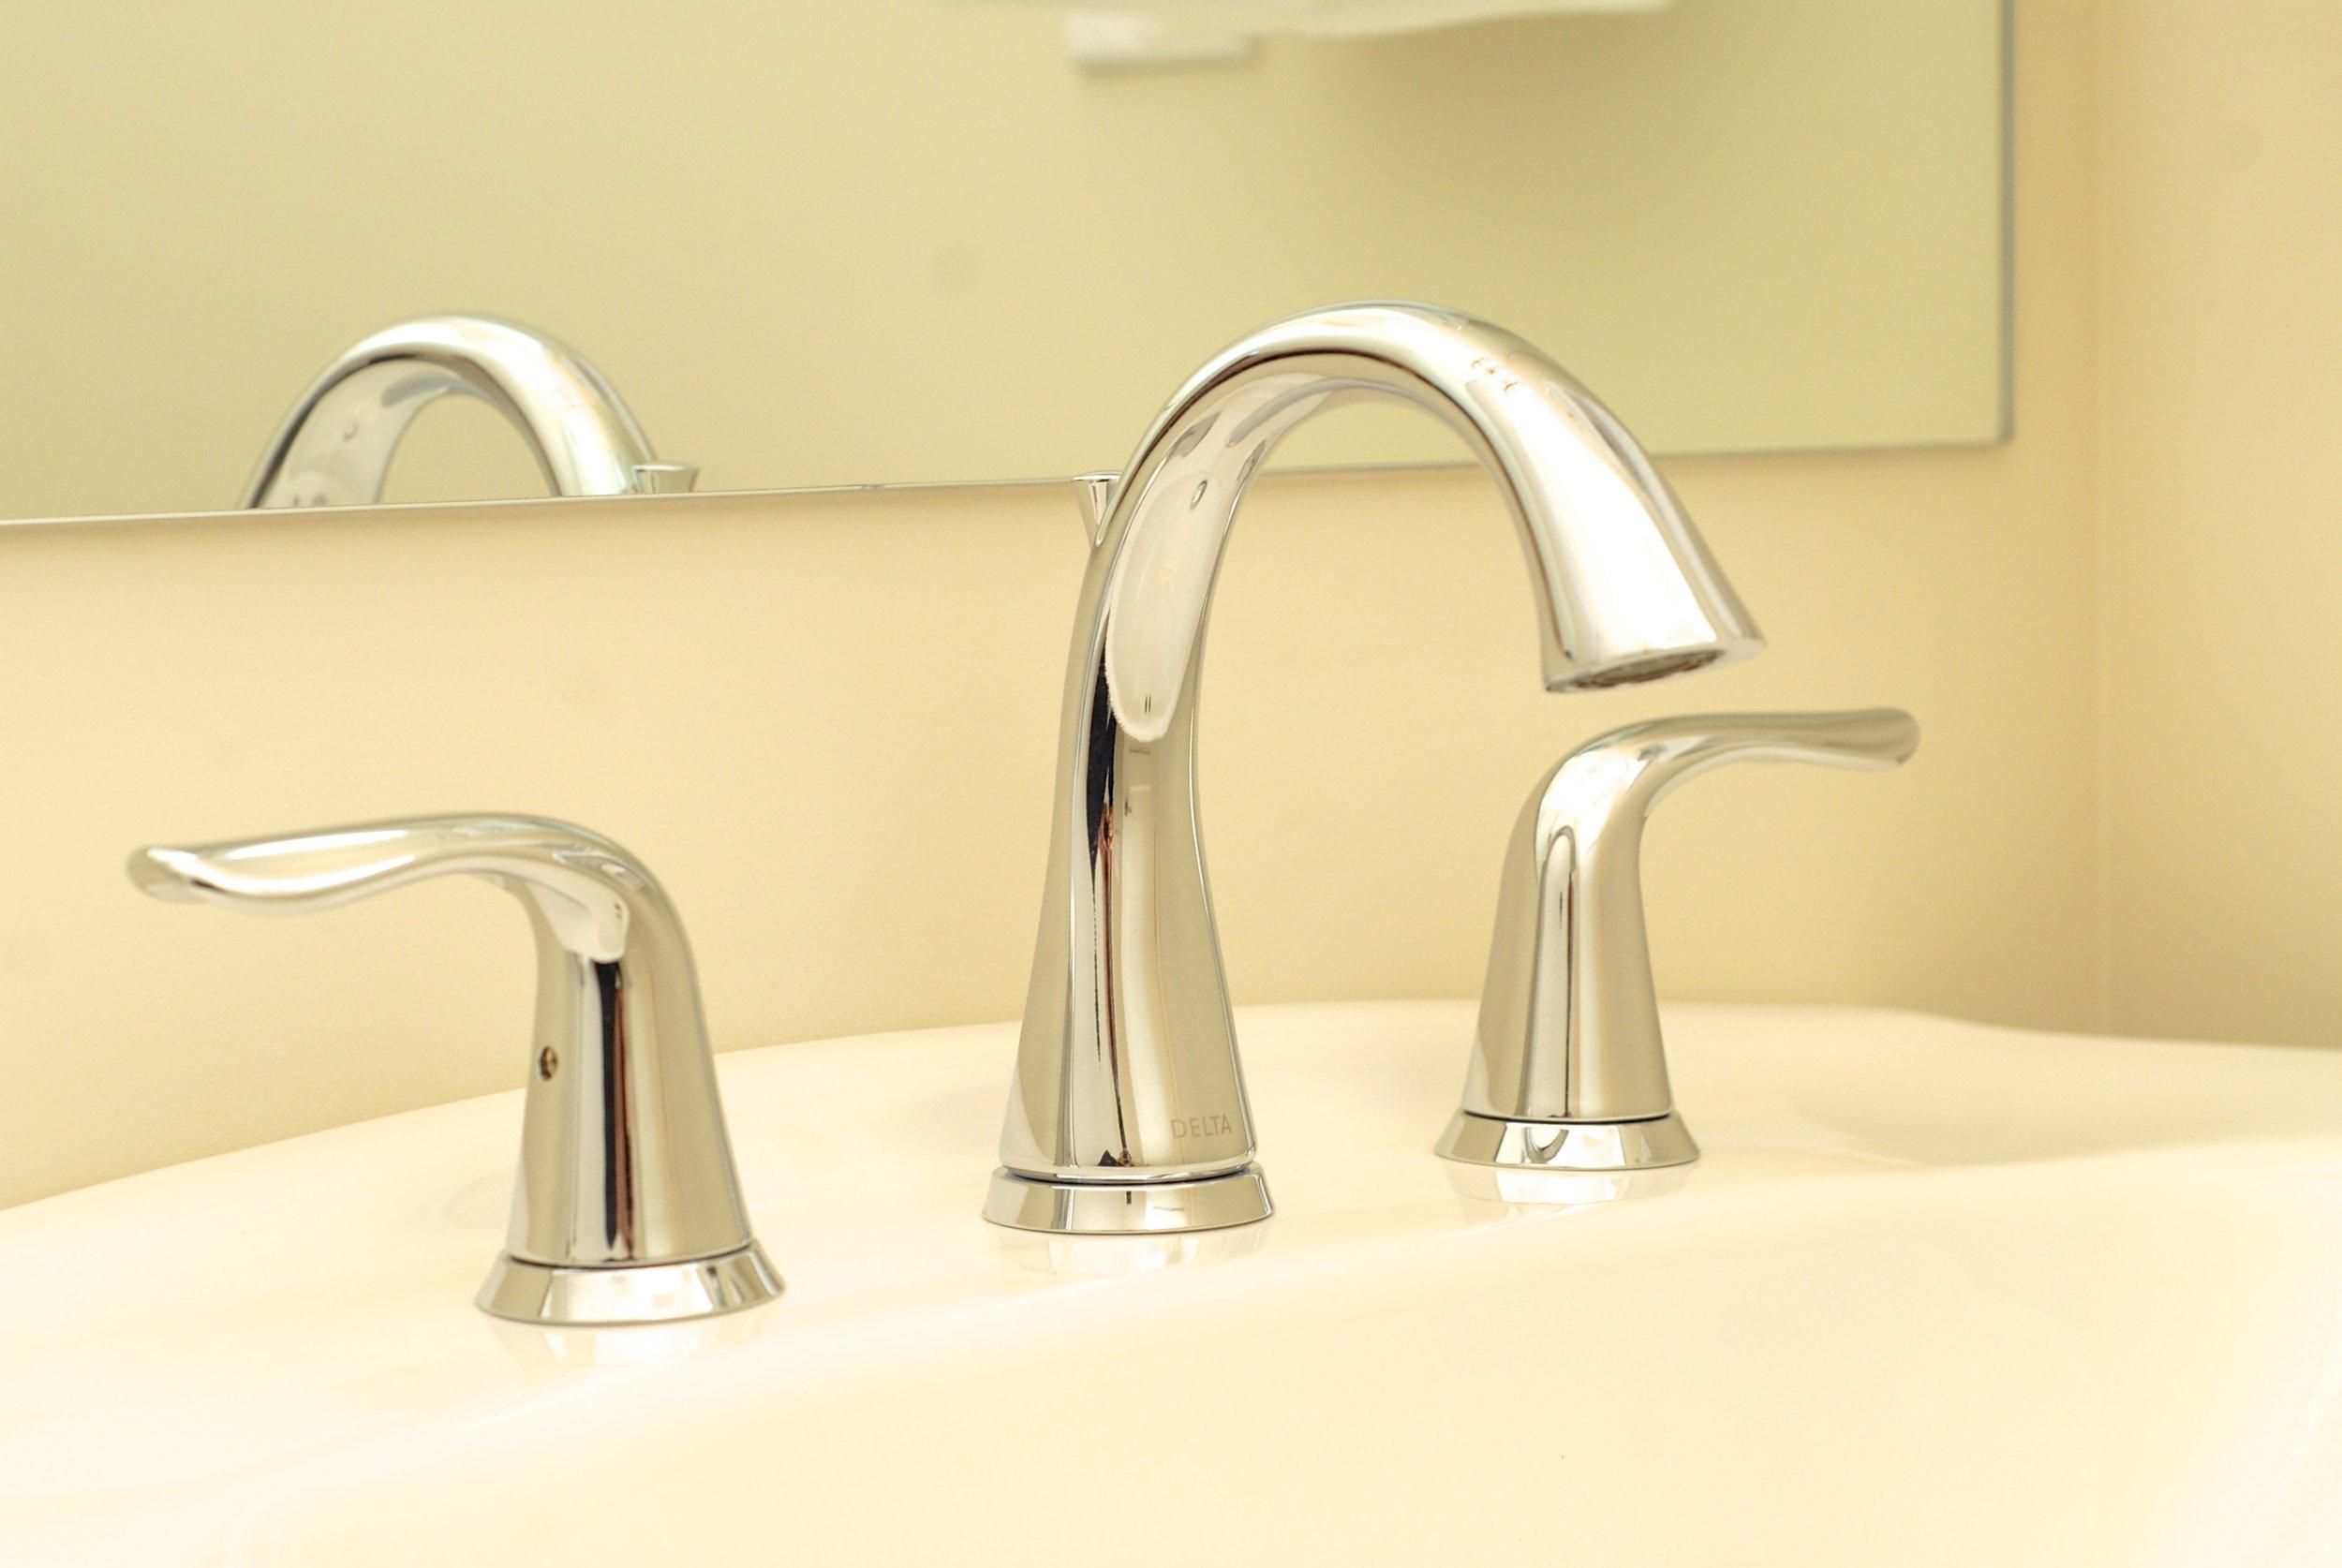 Delta chrome vanity faucet